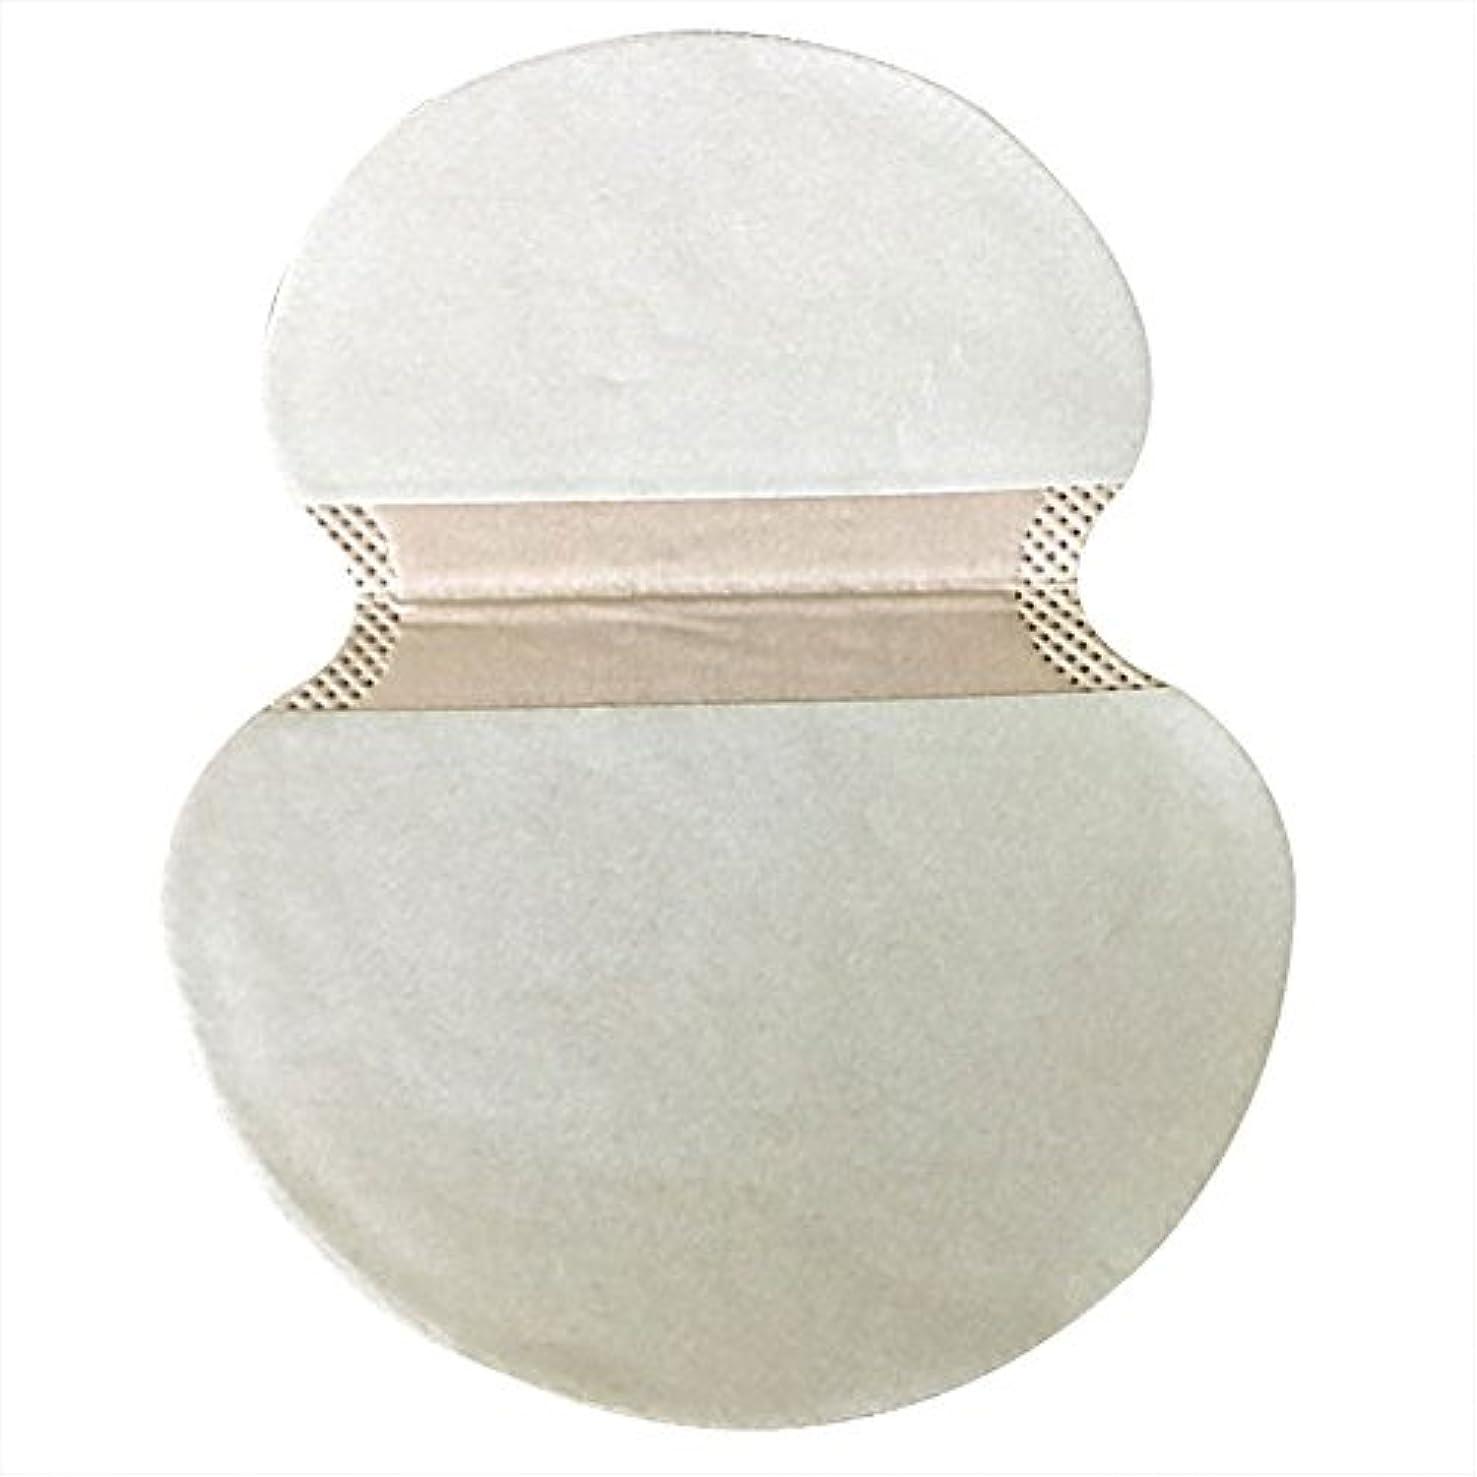 導出テスピアンしなやかなkiirou 汗取りパッド わき汗パット 10枚セット さらさら あせジミ防止 防臭シート 無香料 メンズ レディース 大きめ